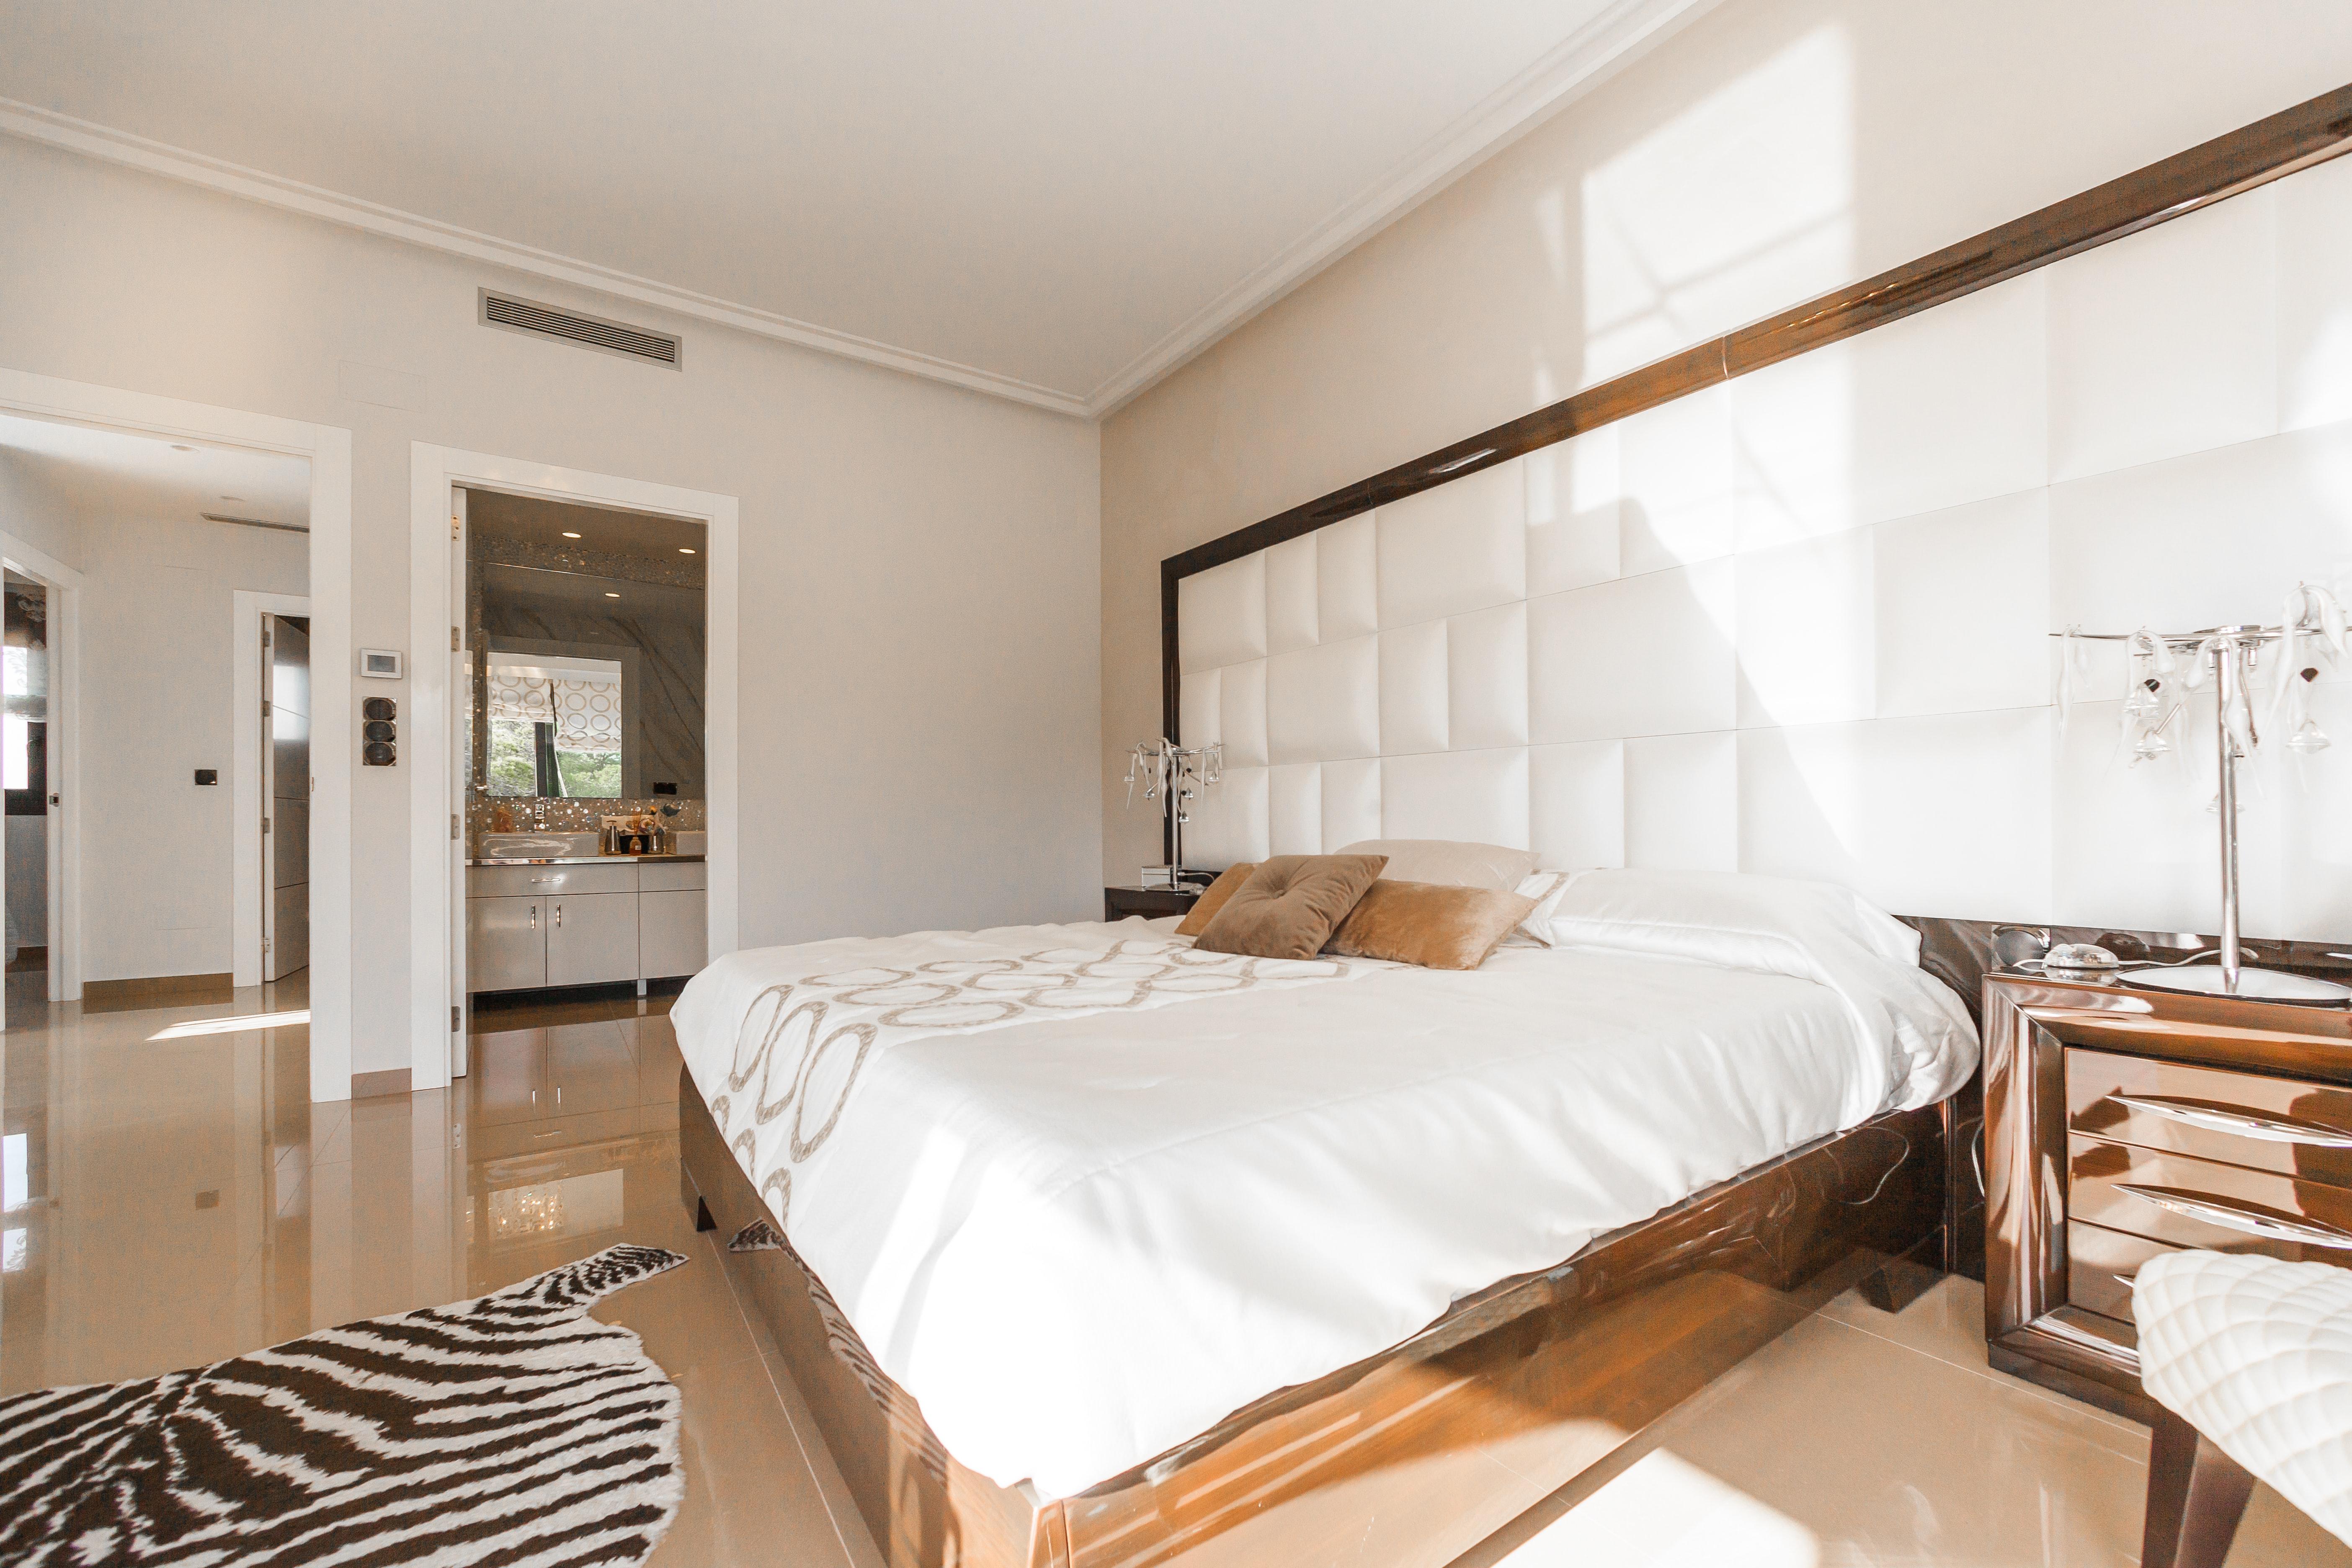 Hozd ki belőle a legtöbbet – 13 nagyszerű lakberendezési megoldás kicsi hálószobákba